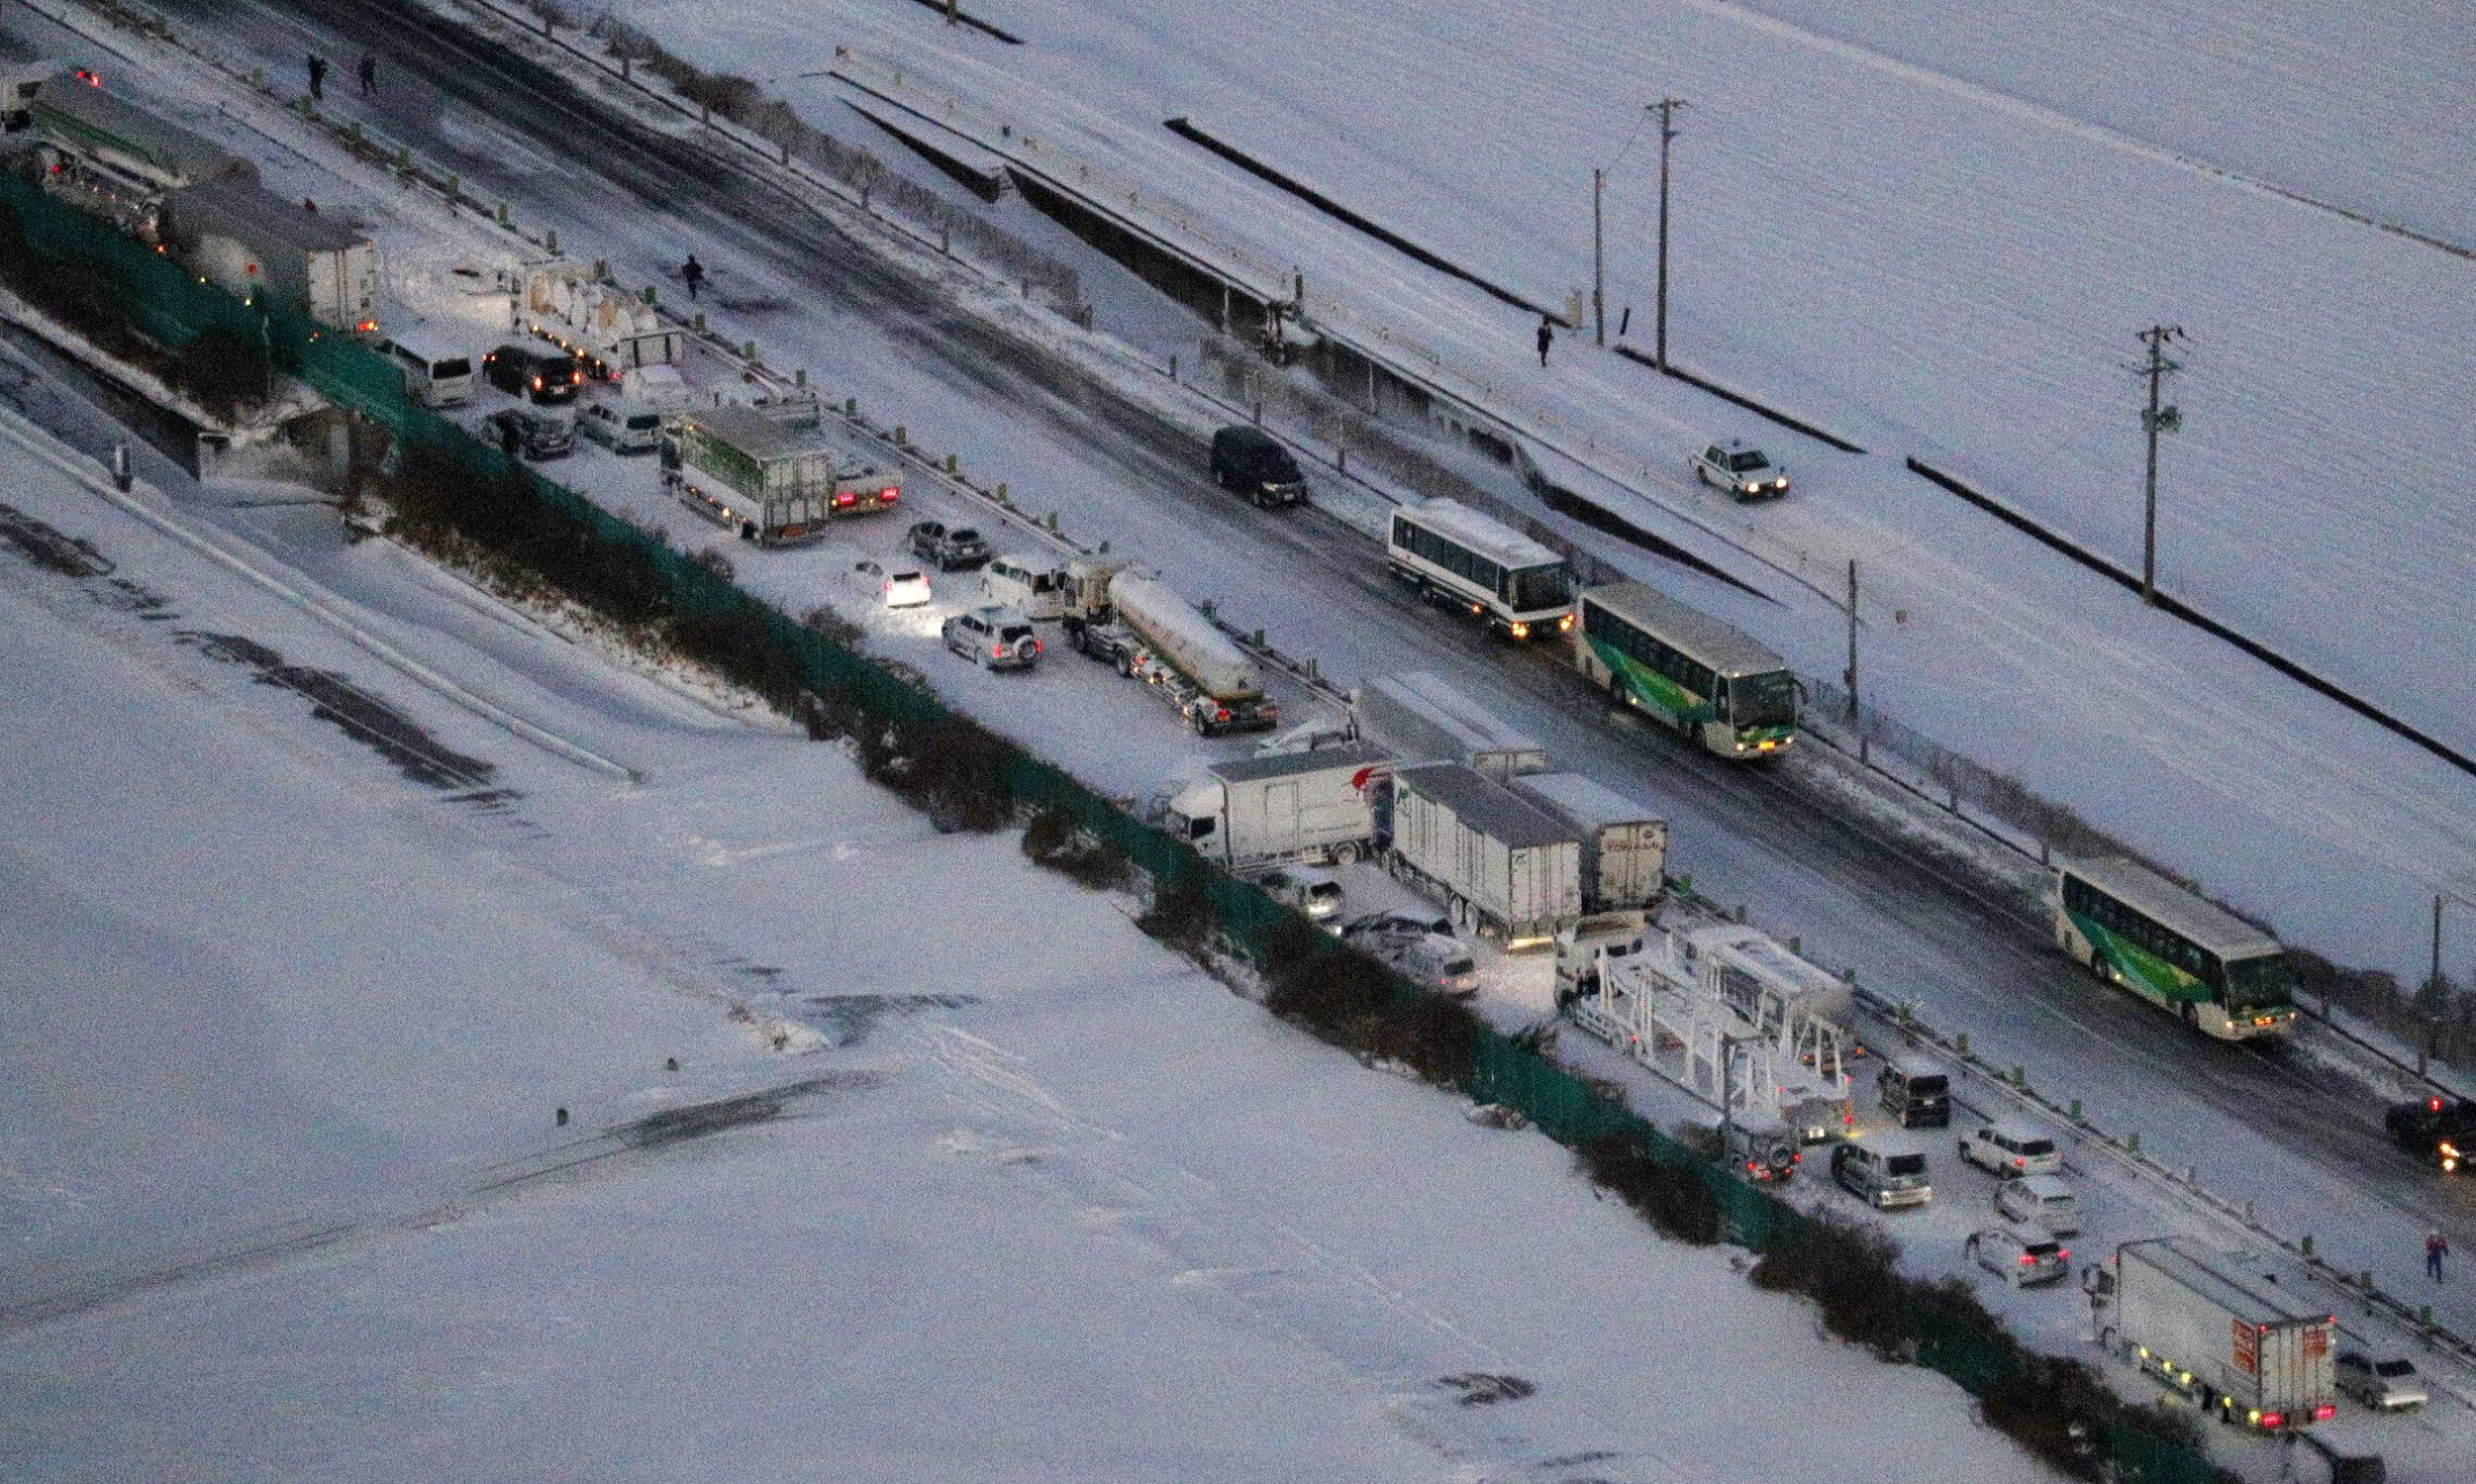 พายุหิมะถล่มญี่ปุ่น ทำรถชนวินาศ 130 คัน ตาย 1